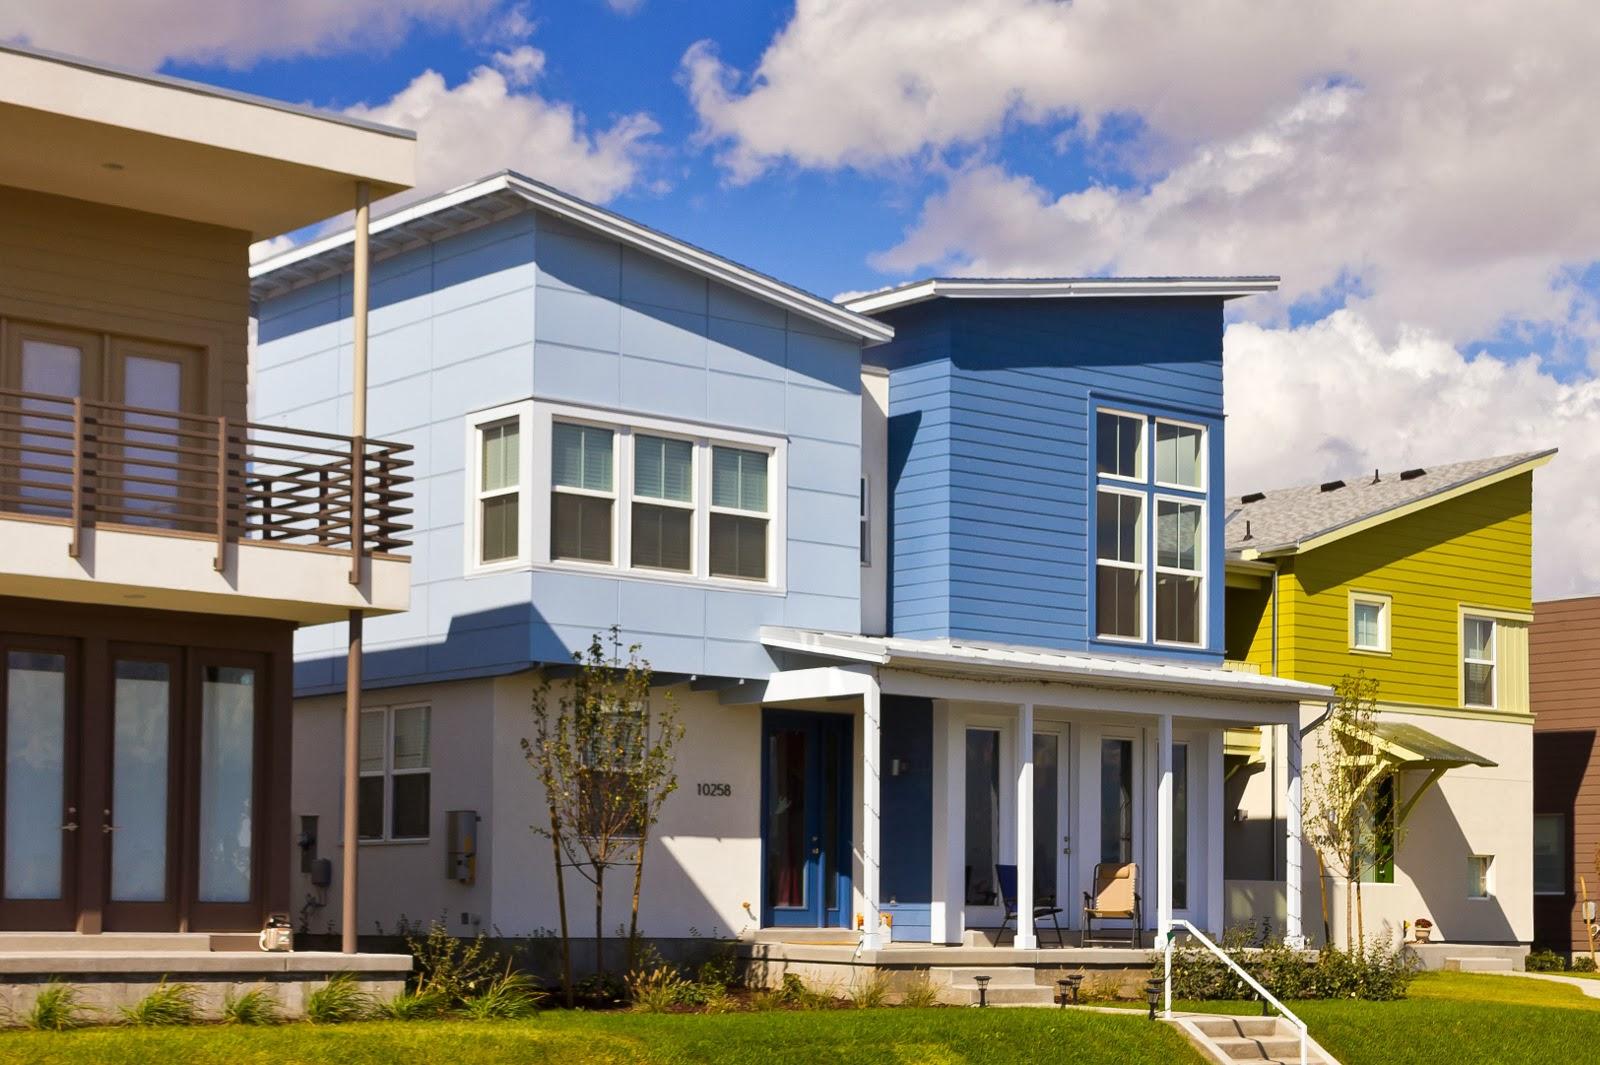 62 Desain Rumah Minimalis Gaya Amerika Desain Rumah Minimalis Terbaru